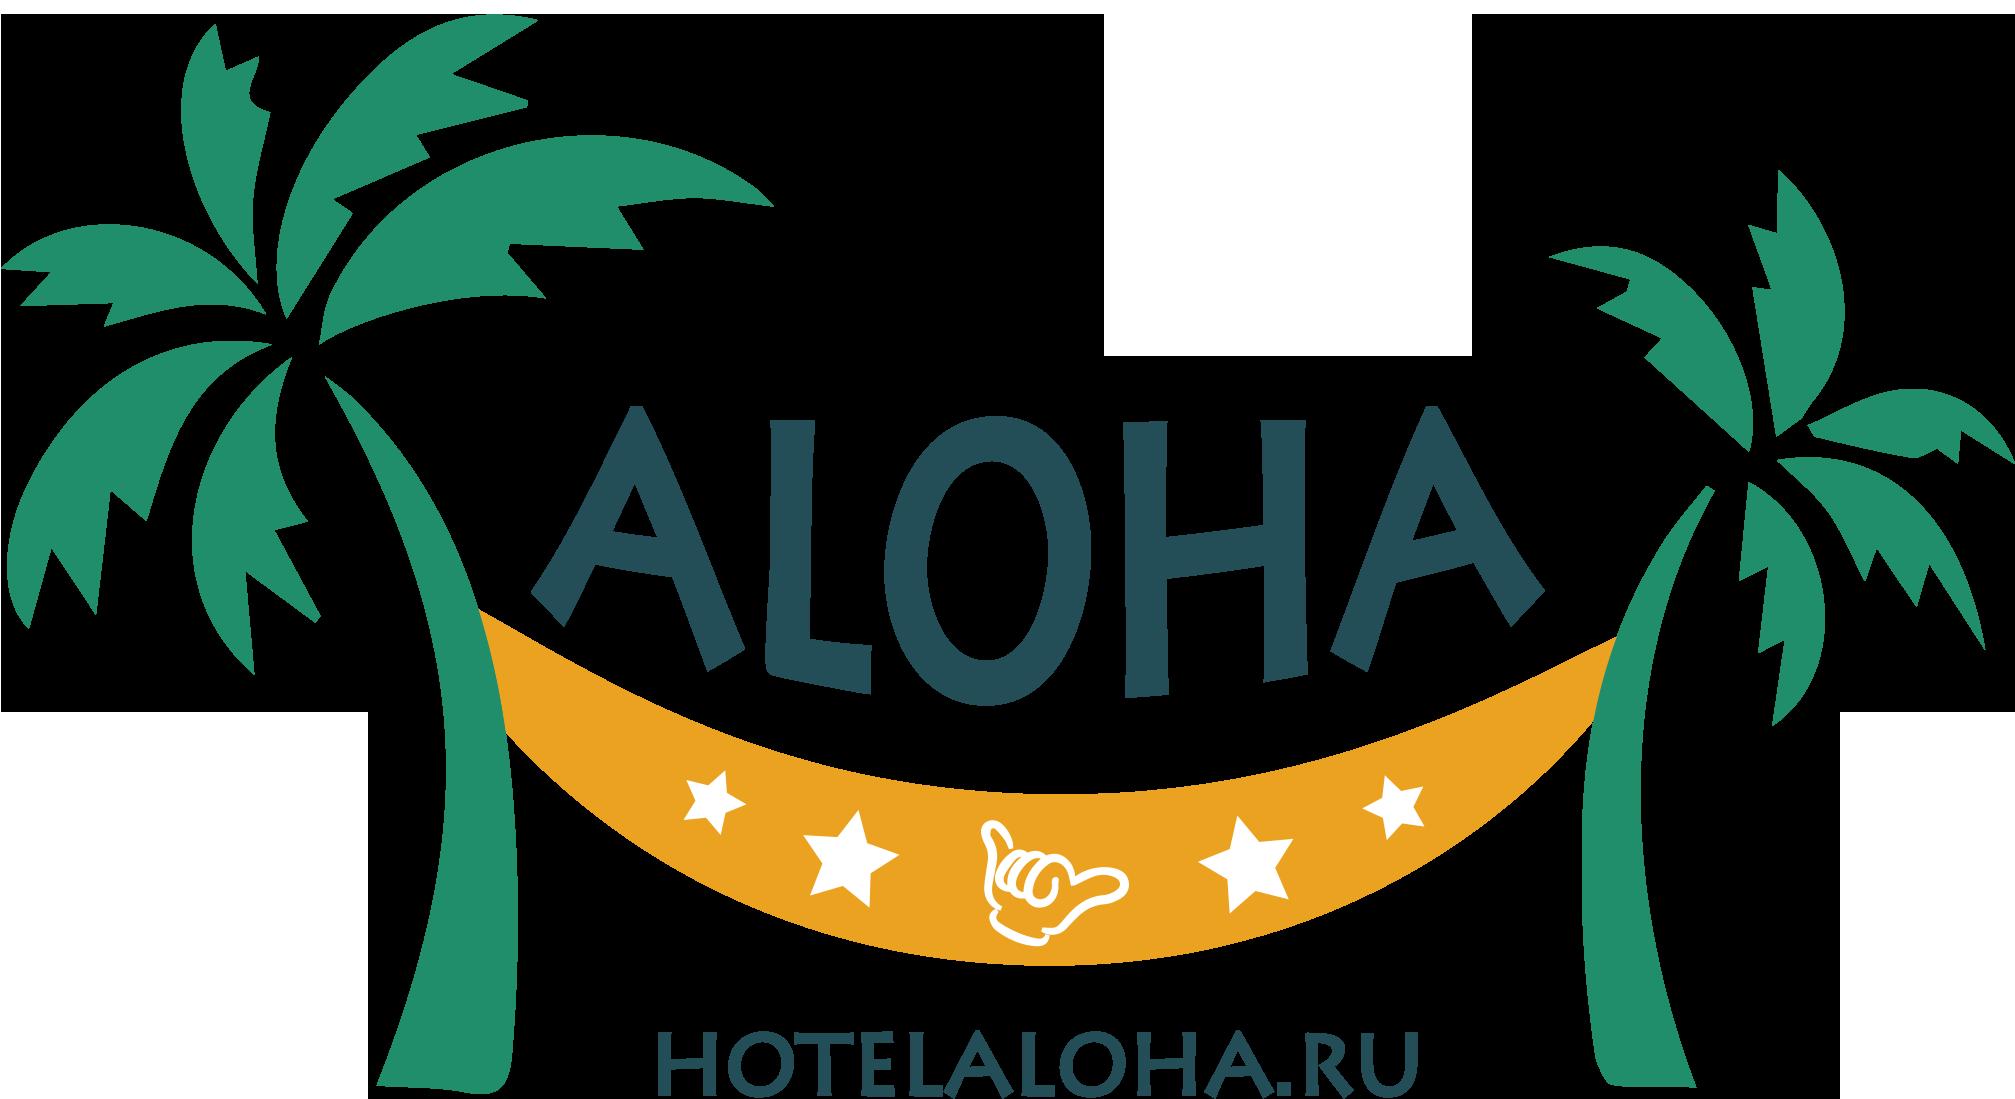 알로하 캡슐 호텔